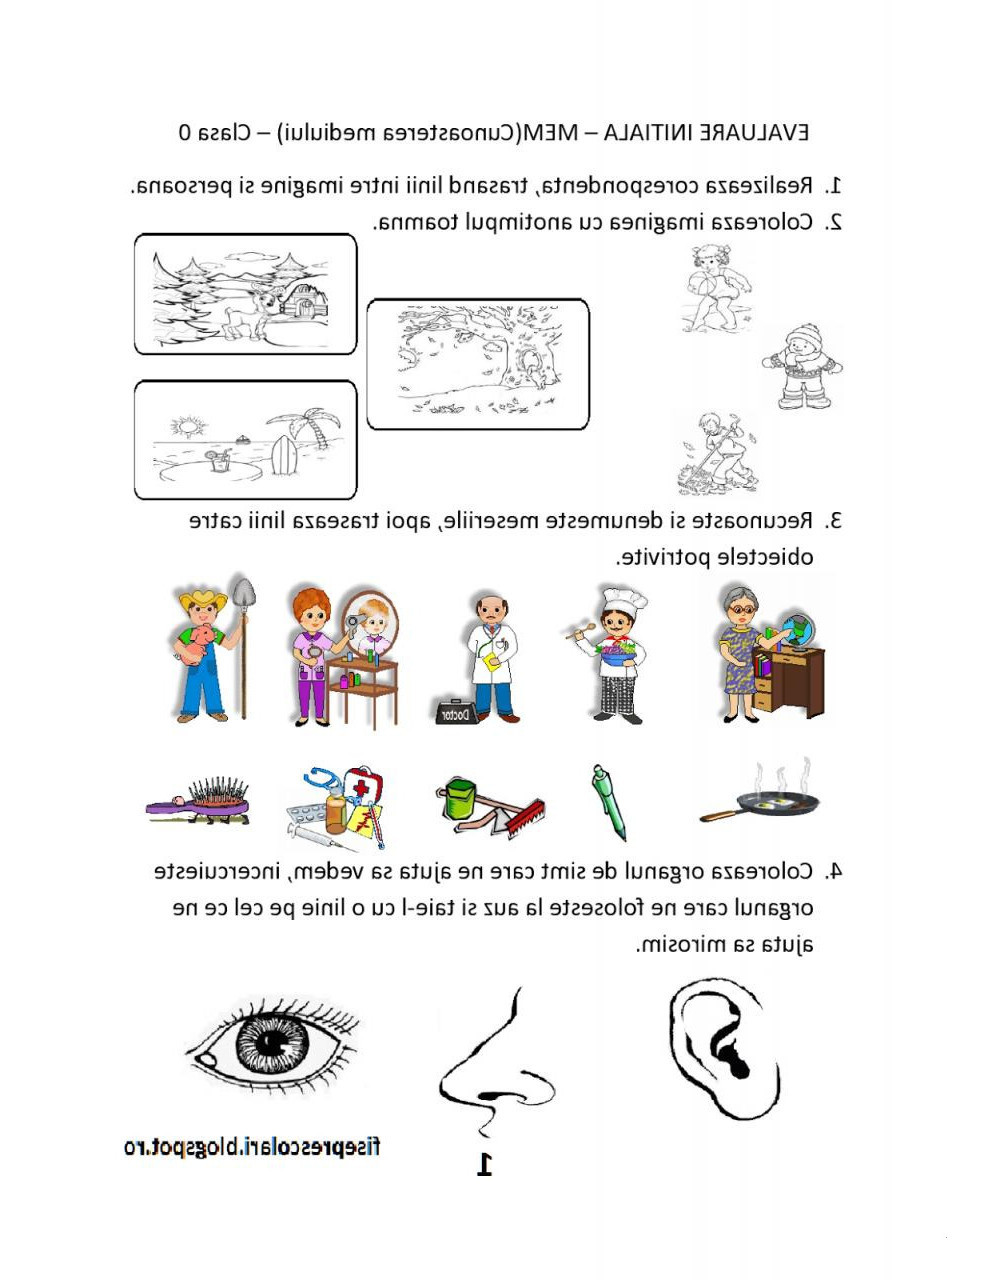 Verkehrserziehung Kindergarten Ausmalbilder Inspirierend 27 Neu Katzen Ausmalbilder – Malvorlagen Ideen Das Bild